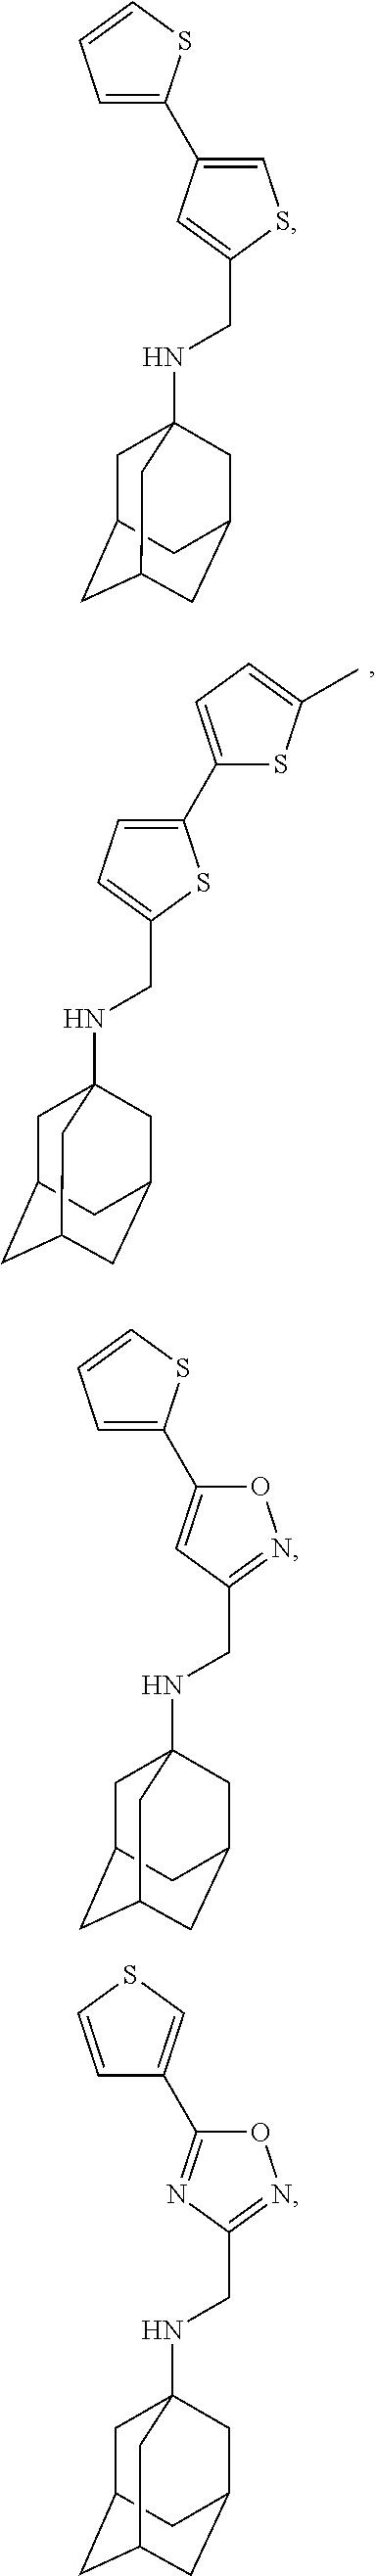 Figure US09884832-20180206-C00058